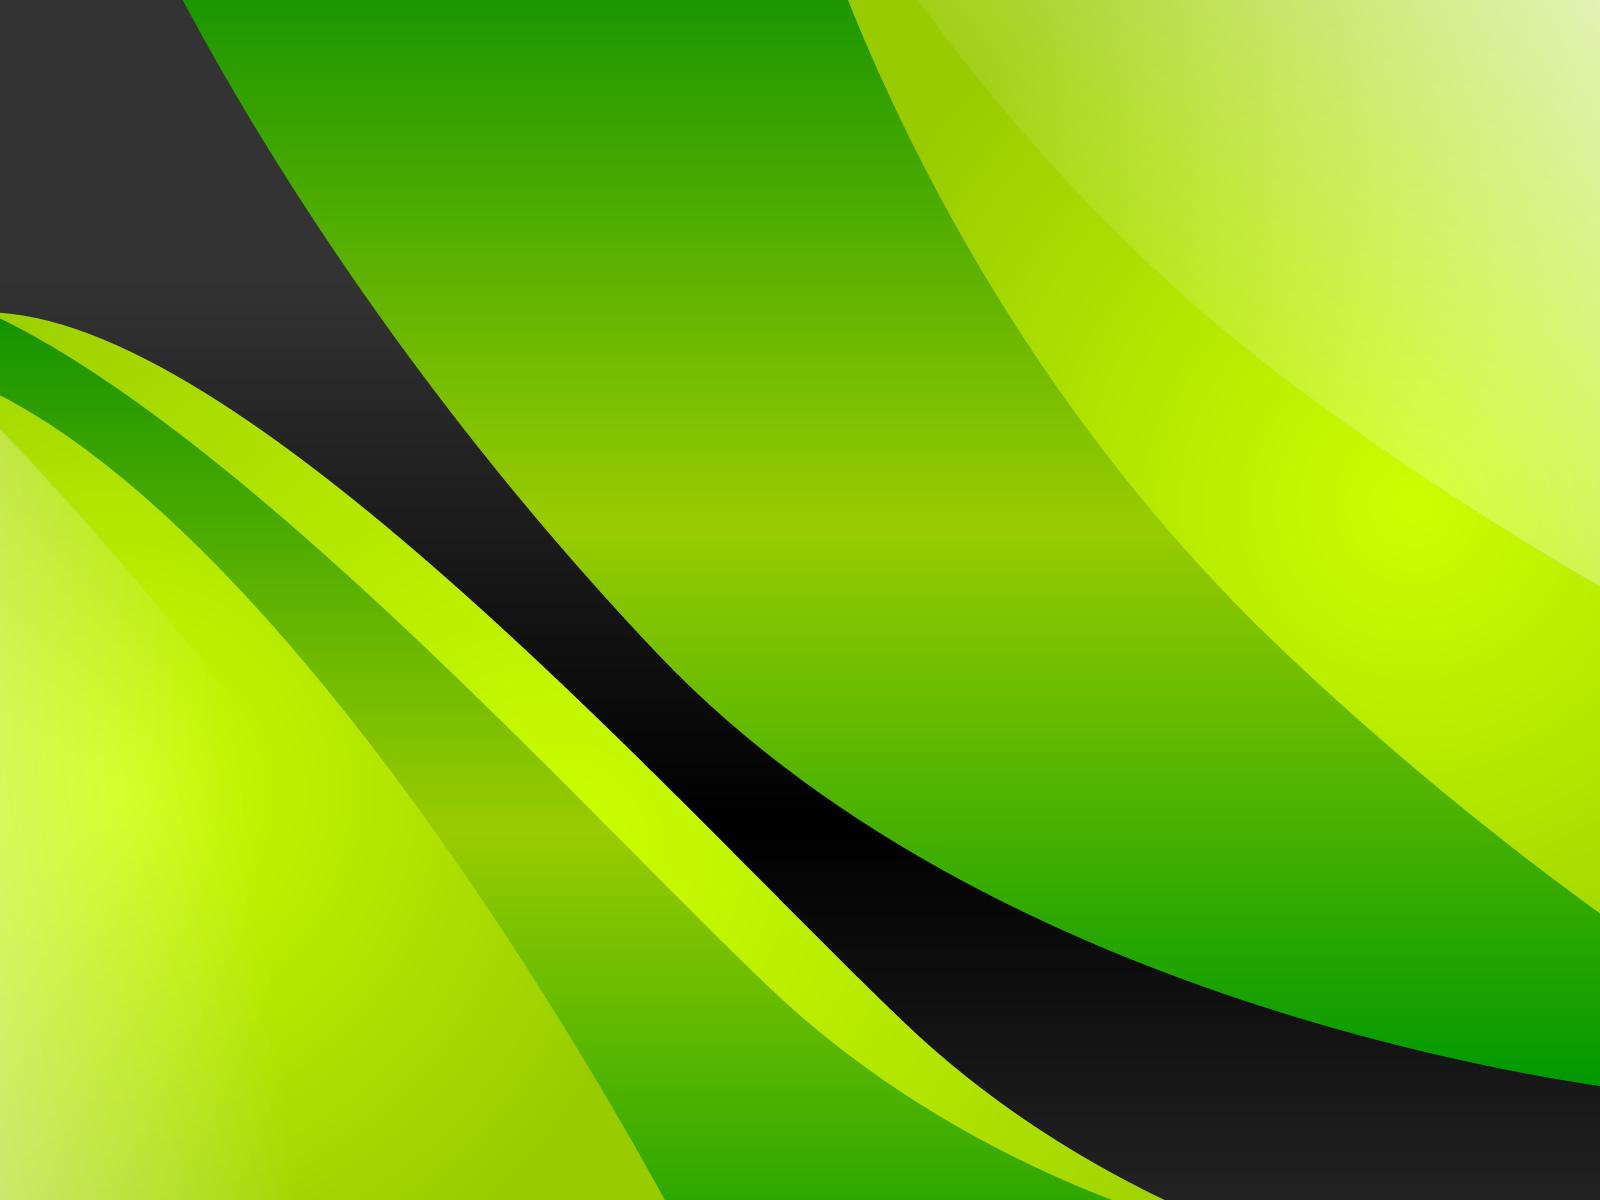 http://4.bp.blogspot.com/_ioD6UOQqcyA/Sw6R6PznBII/AAAAAAAABU4/F2bMr1K10fM/s1600/green+(84).jpg